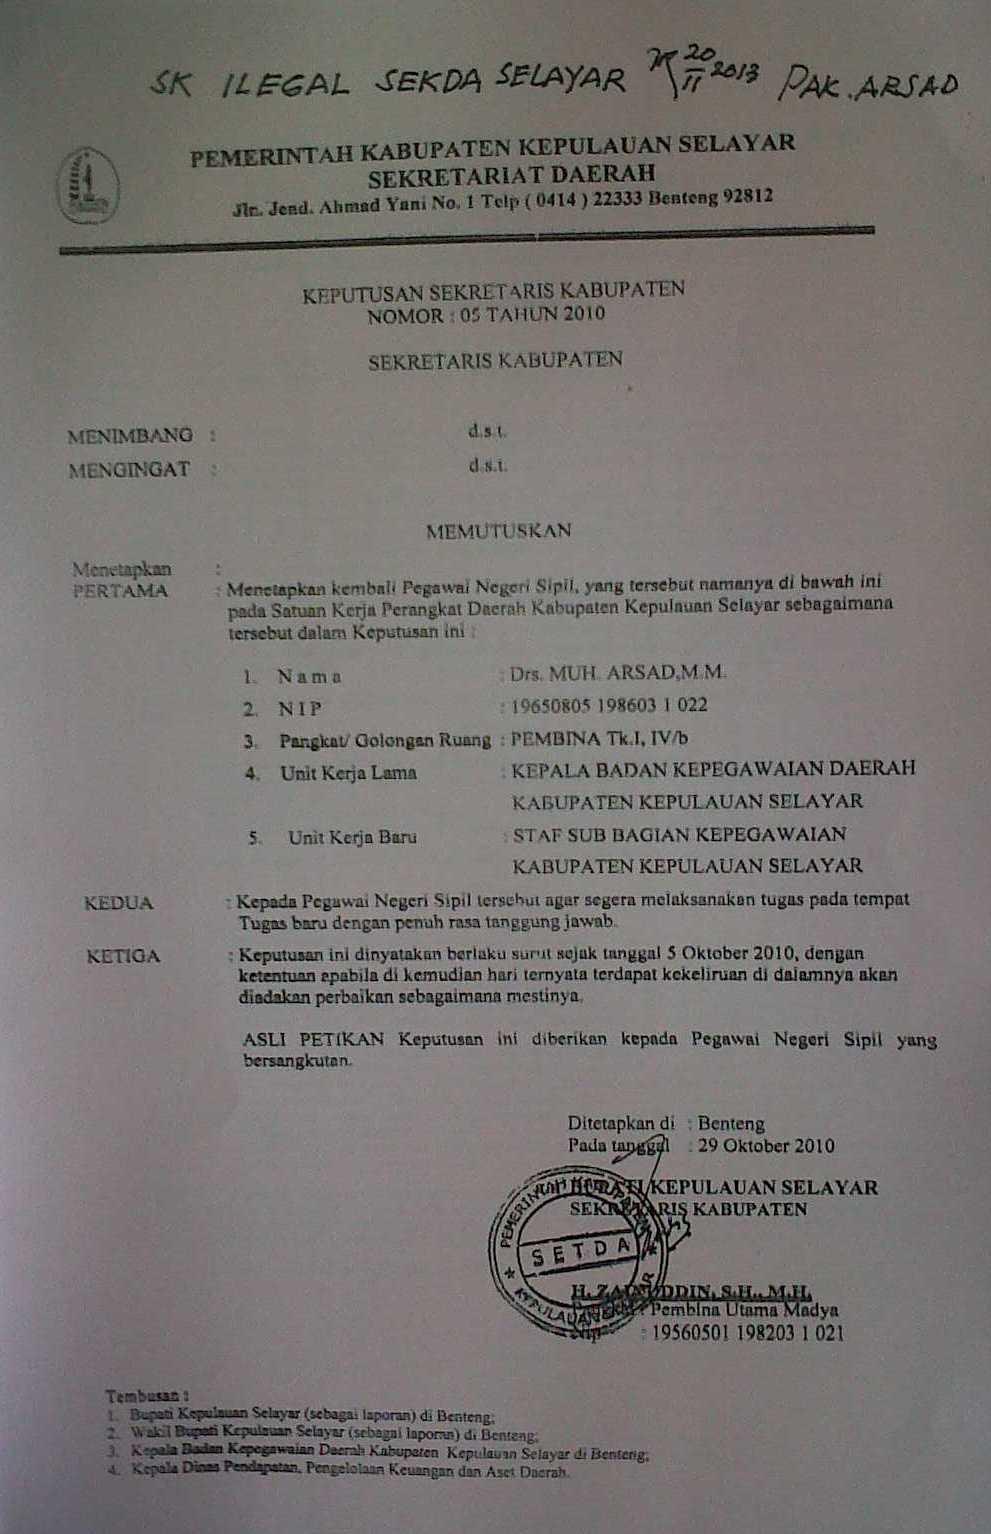 Keputusan Sekretaris Daerah Kabupaten Menjadi Dasar